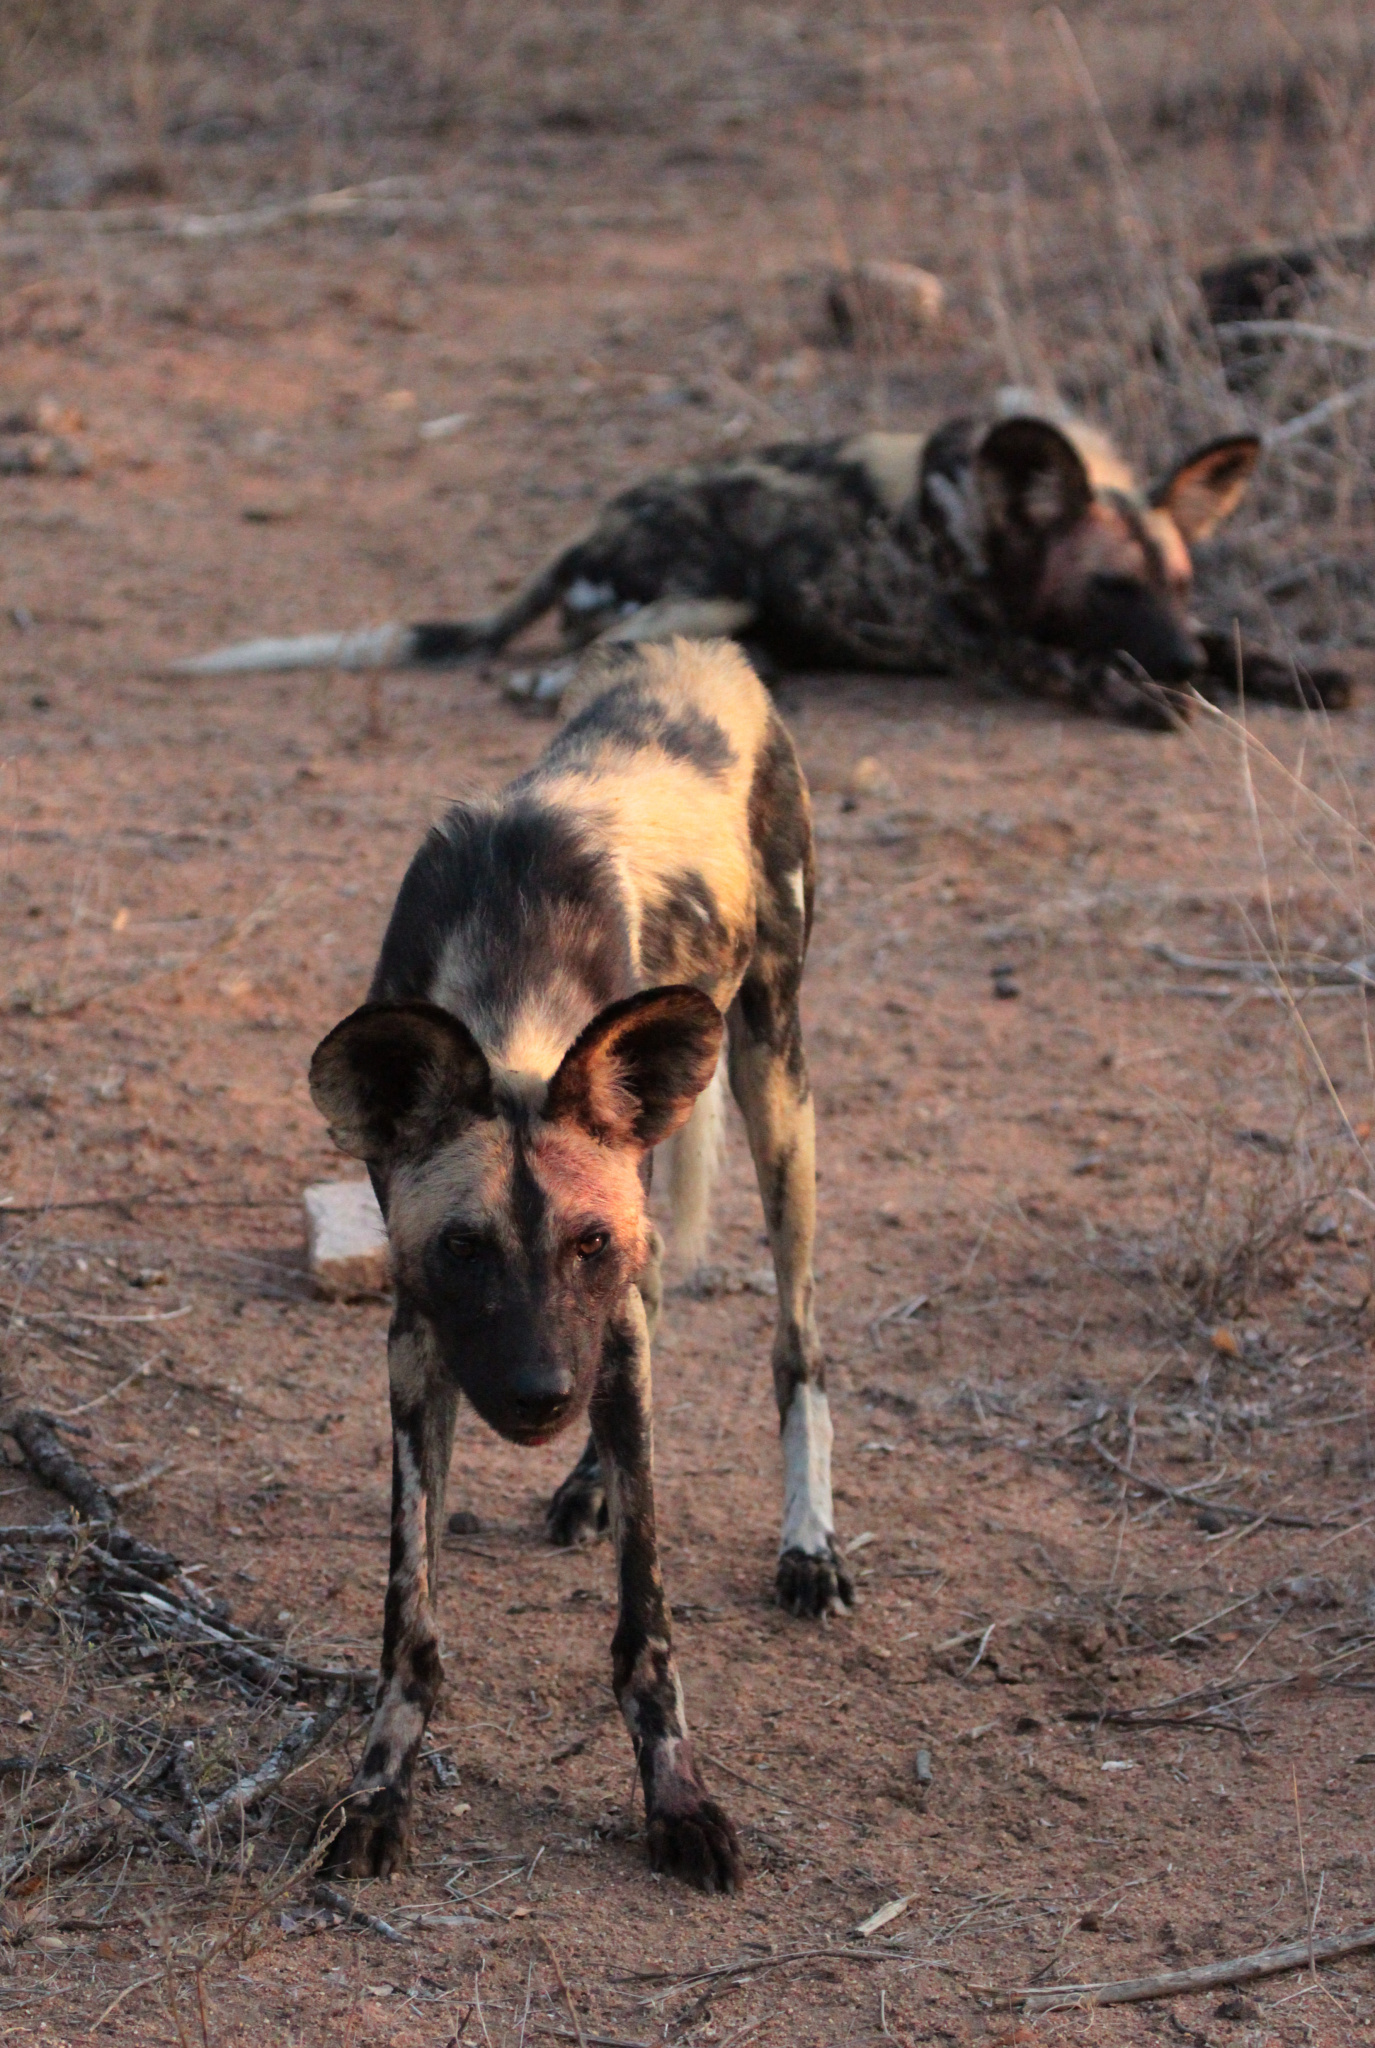 Fotoexpedition zu den afrikanischen Wildhunden - die schwer fassbaren Schatten Afrikas